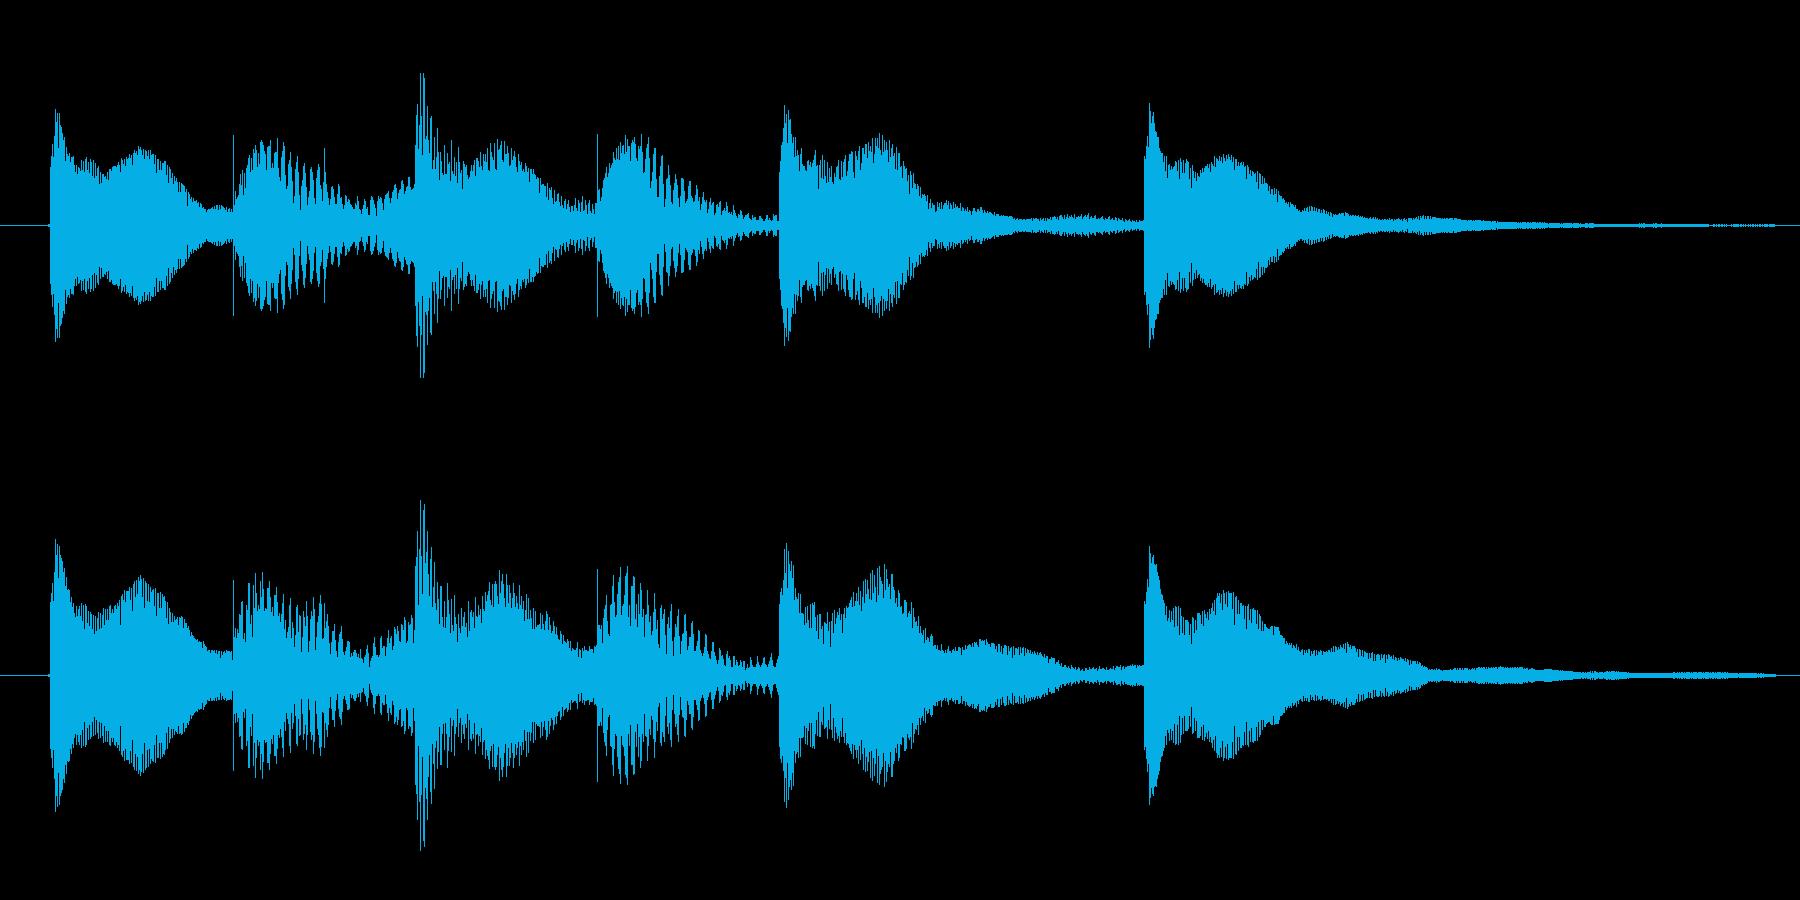 オールマイティに使える3秒サウンドロゴの再生済みの波形